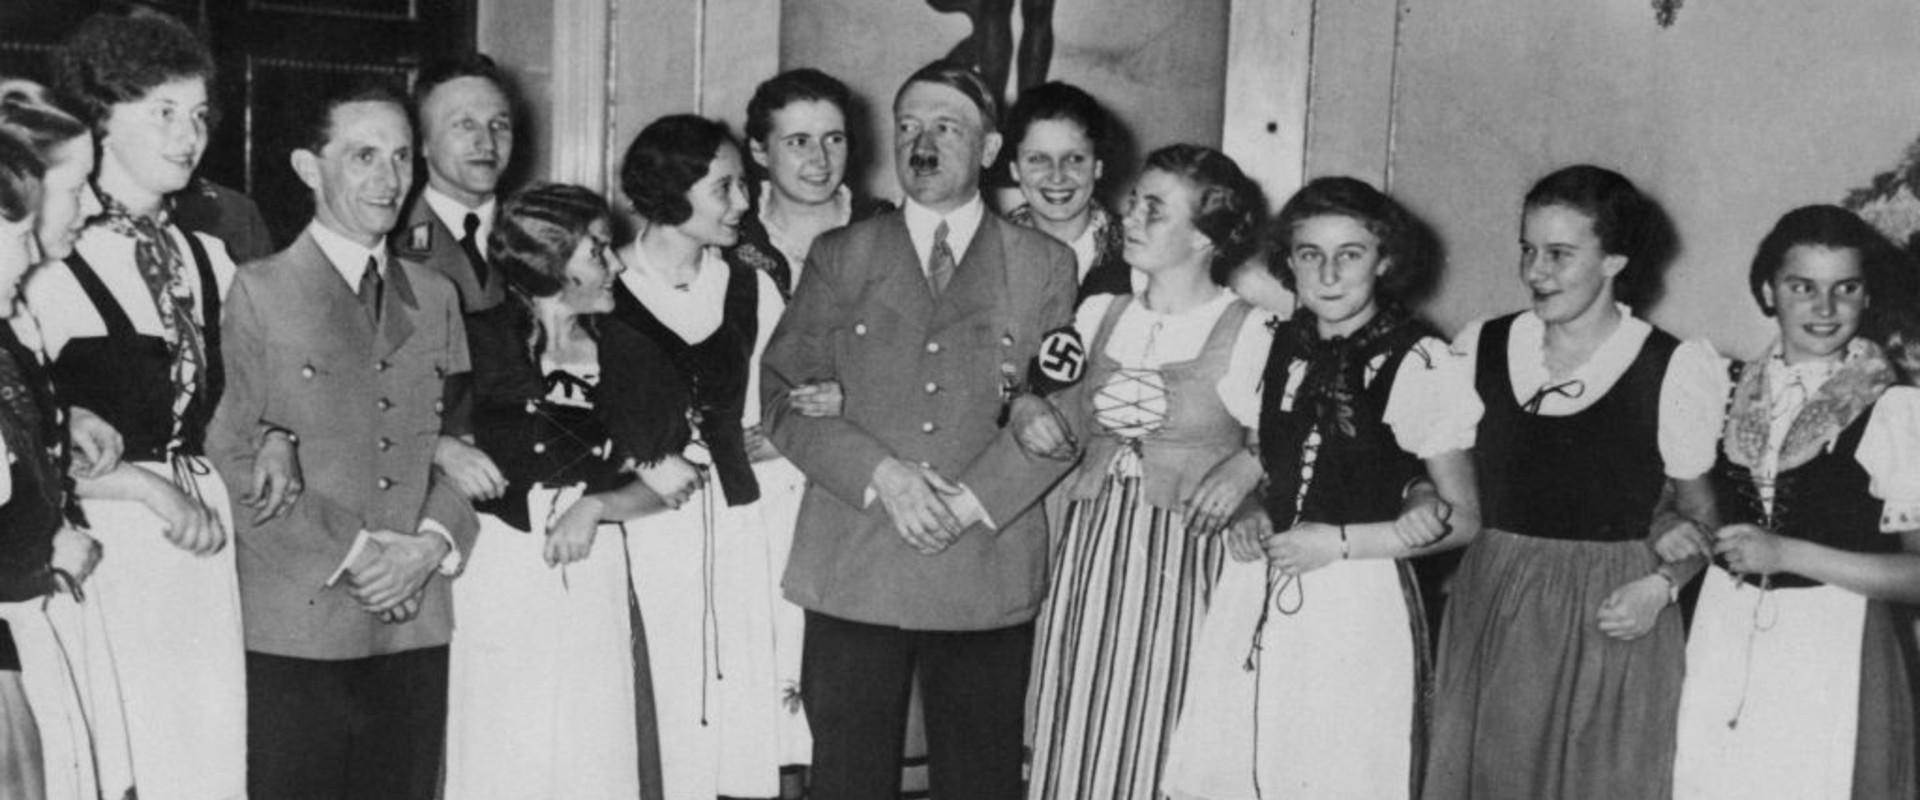 הנשים של היטלר